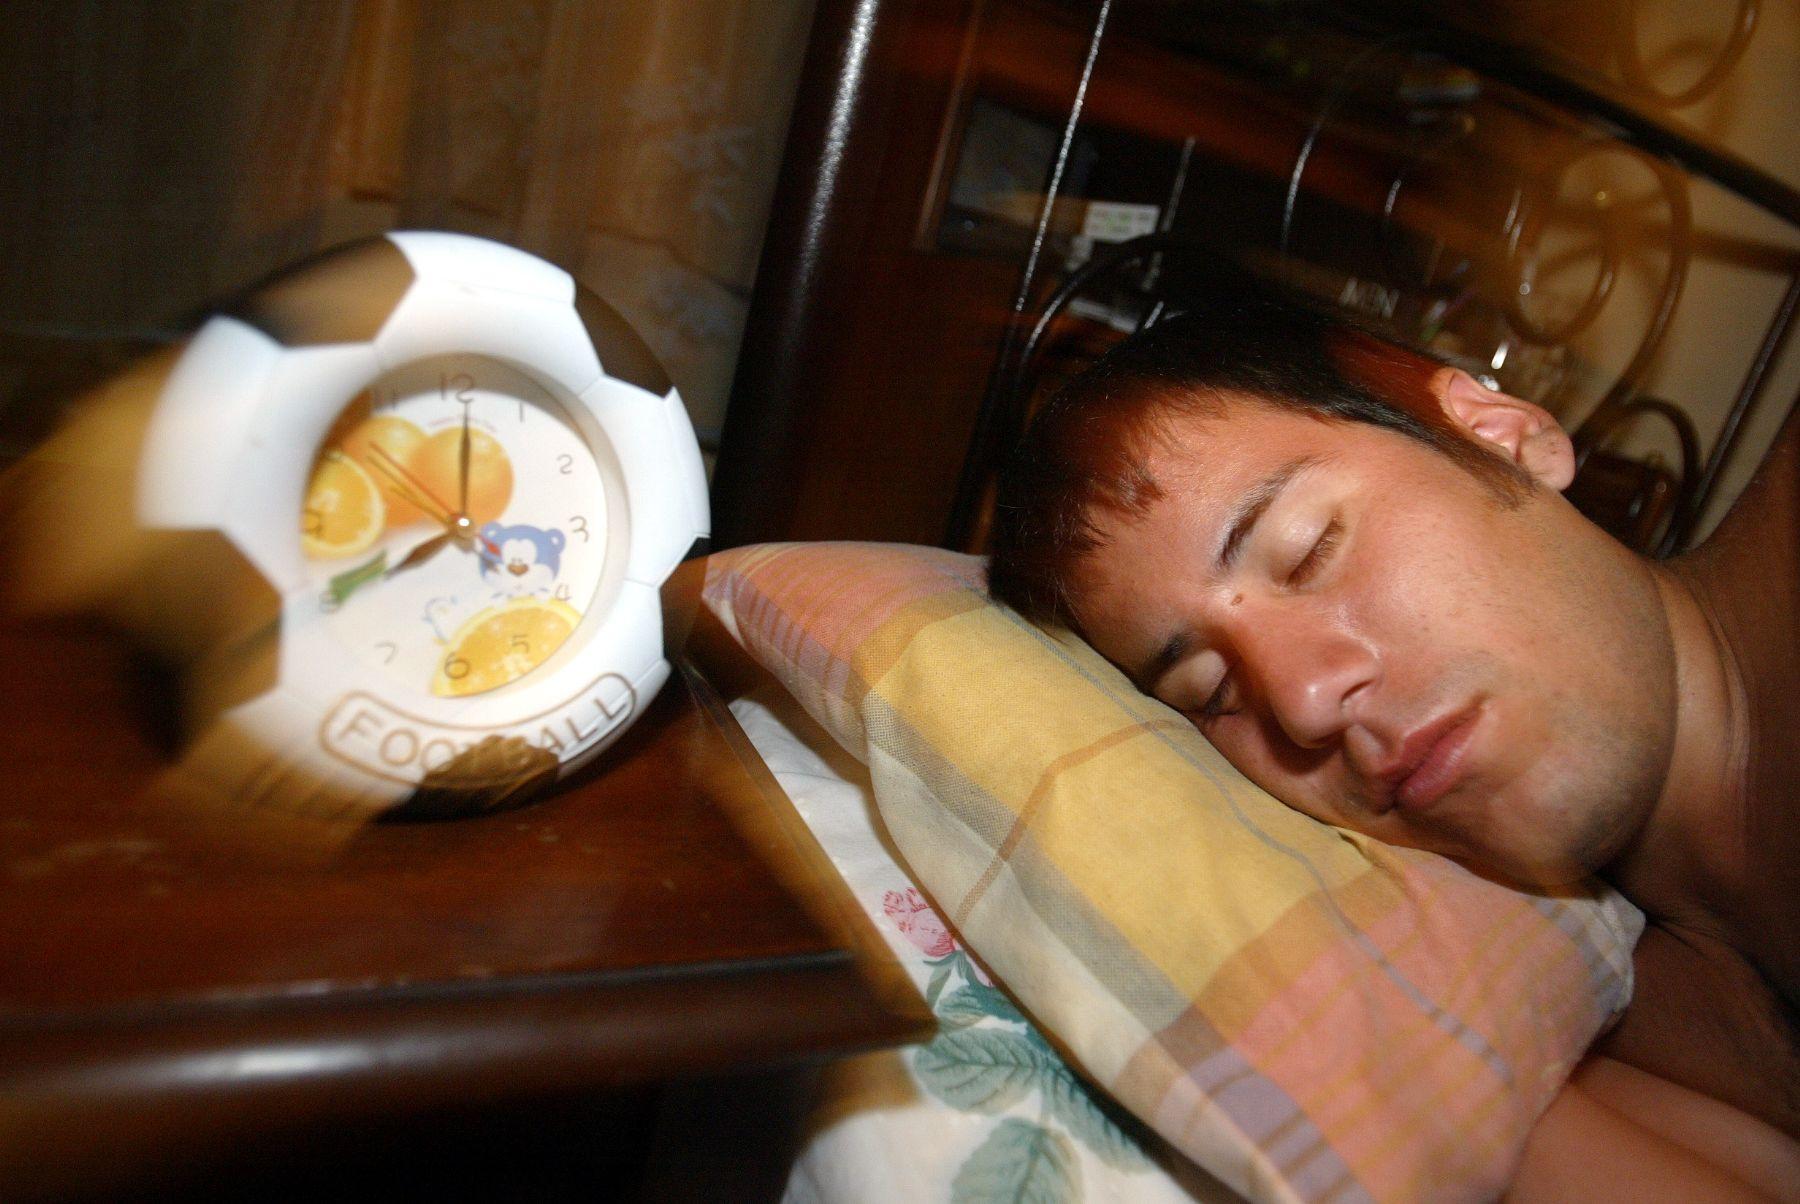 Gran portentaje de peruanos padece transtornos del sueño. Foto: ANDINA/Archivo.